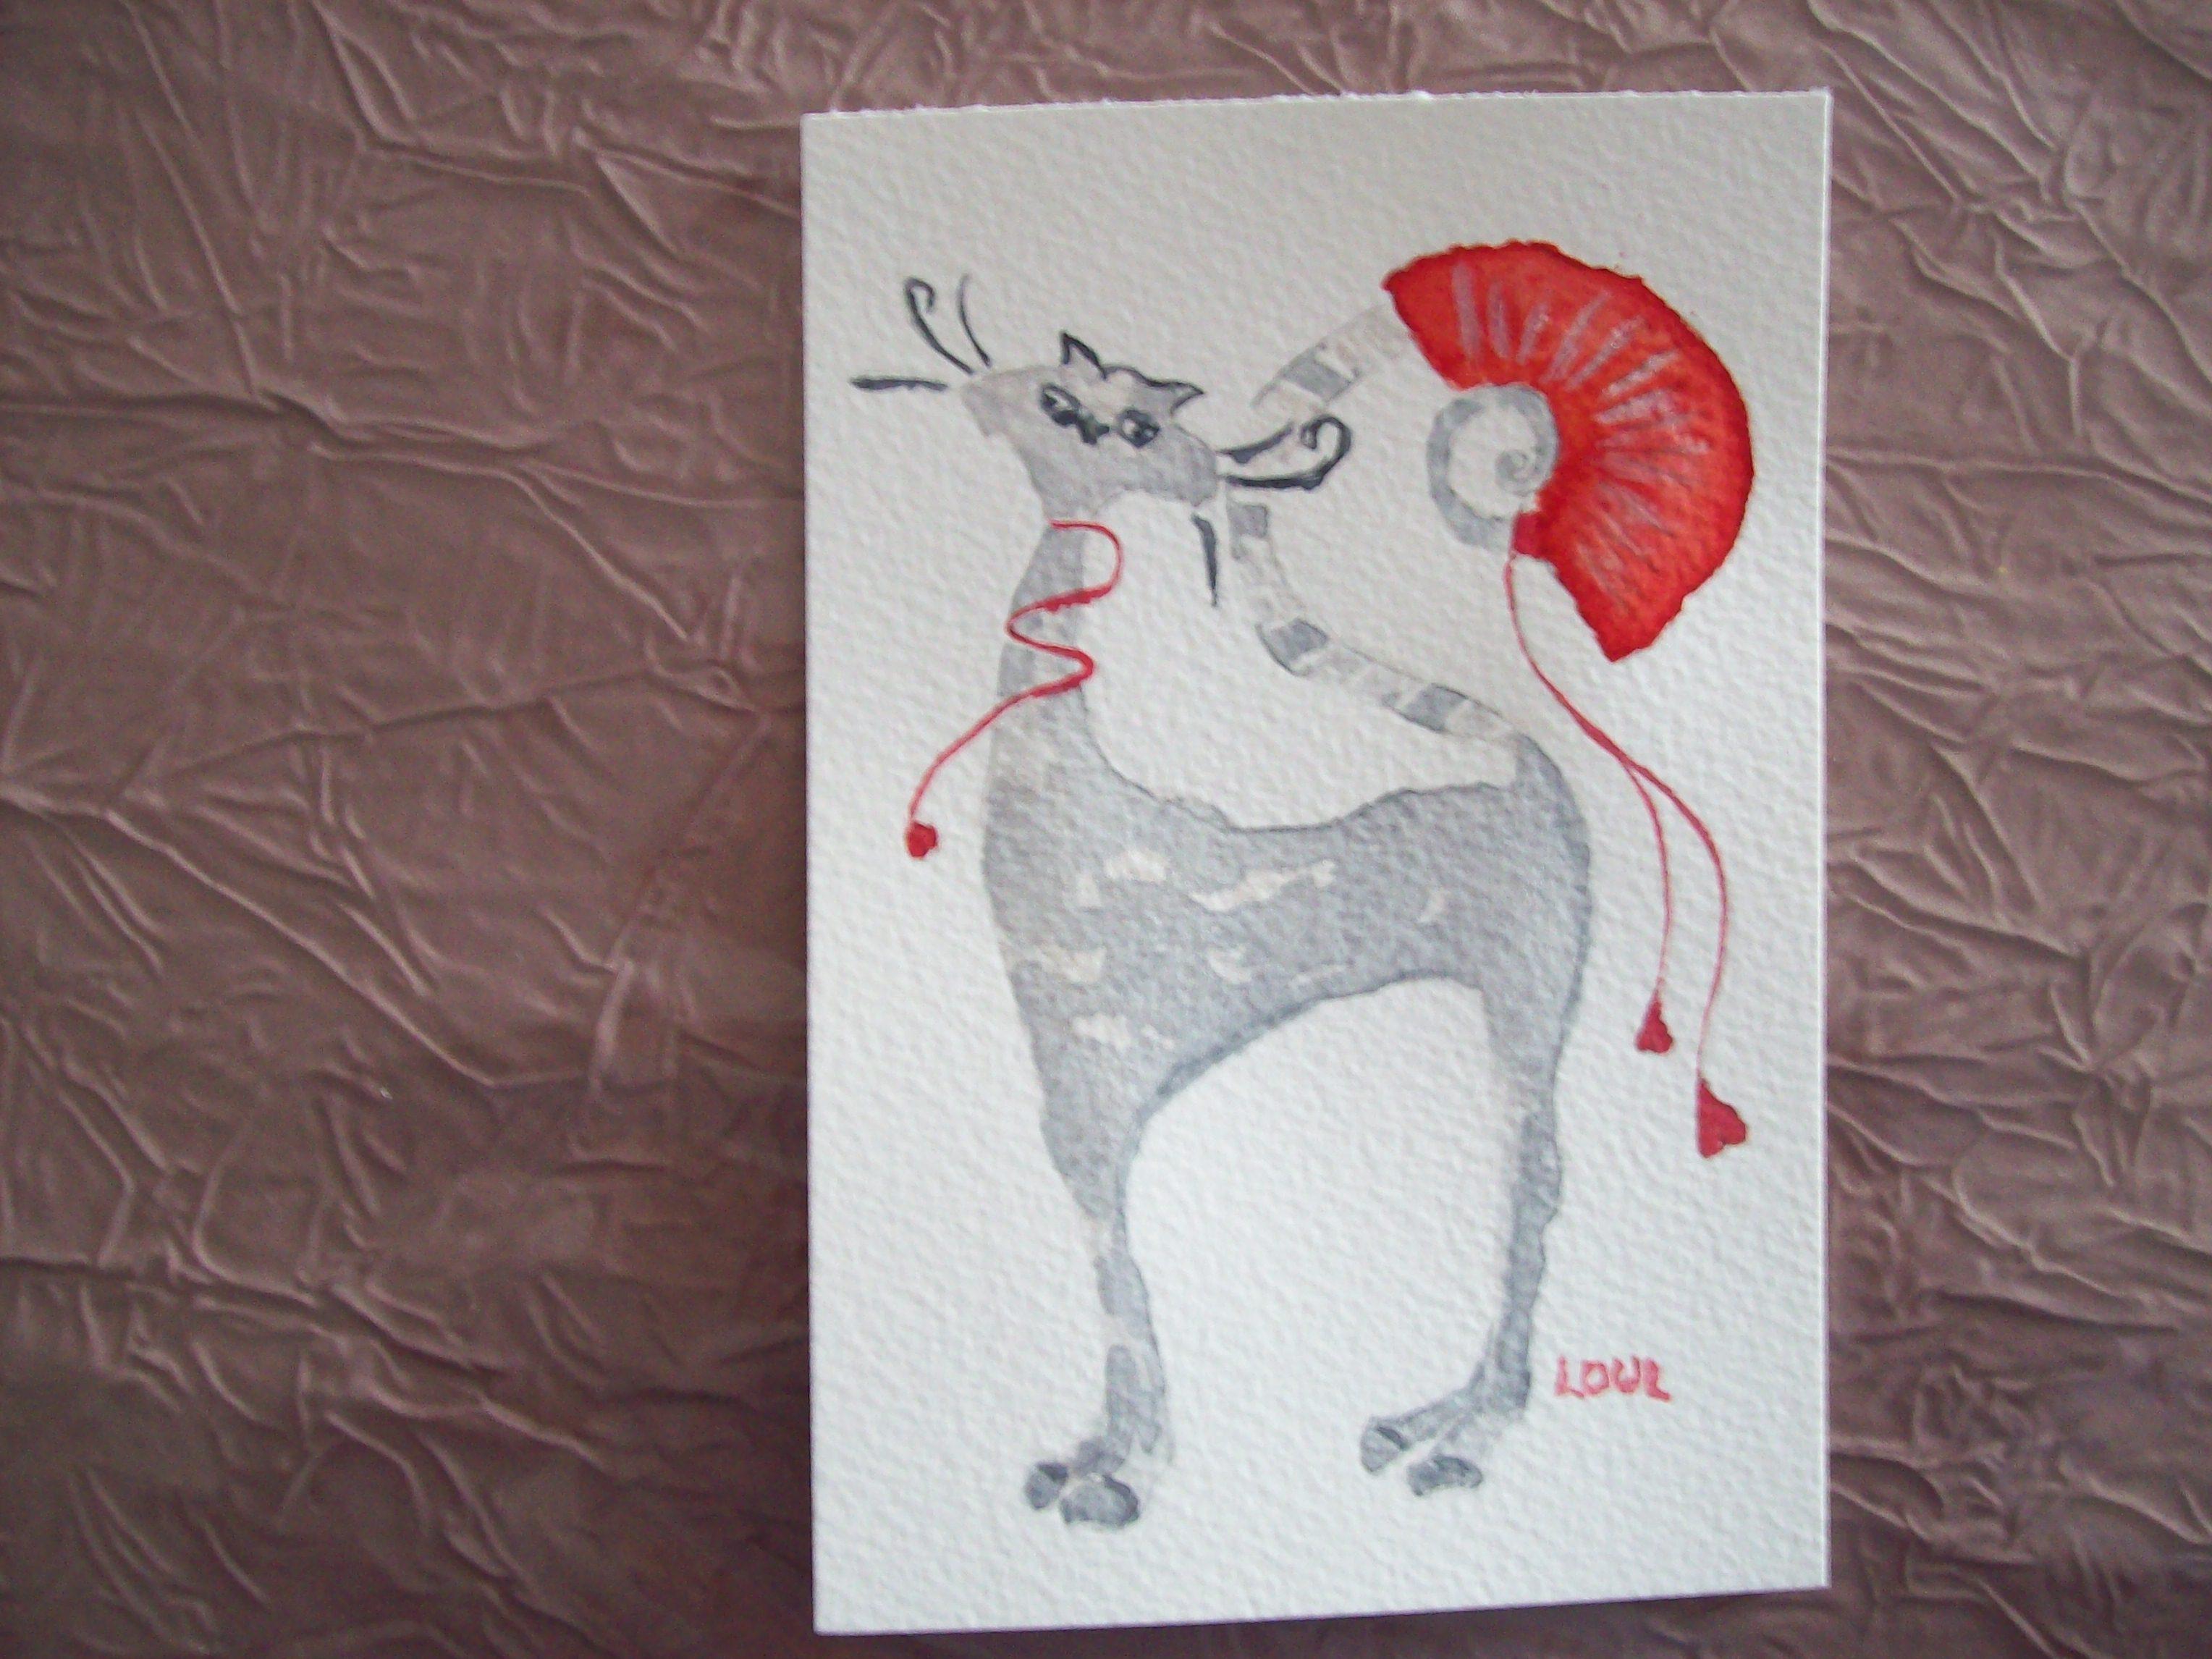 loul chat Loups-garous-en-lignecom a été agréé par les créateurs du jeu loups-garous de thiercelieux, messieurs philippe des pallières et hervé marly, ainsi.